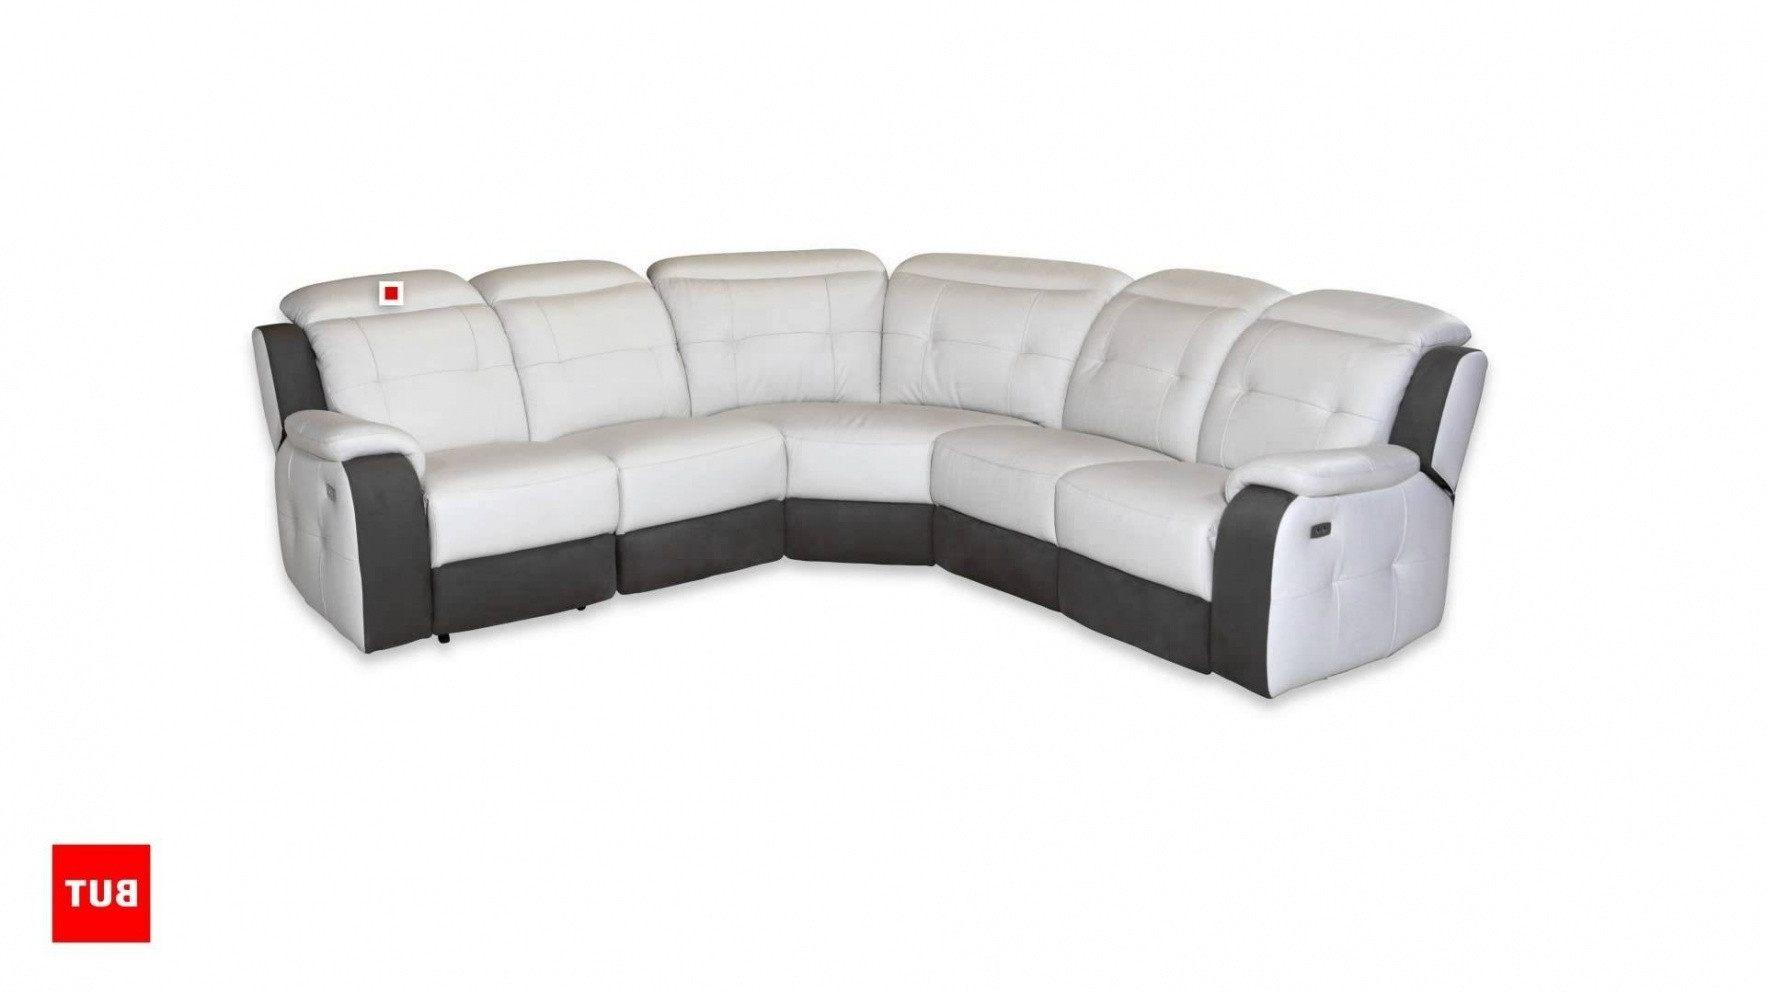 Canapé Lit Couchage Quotidien Luxe 35 Nouveau Canapé Convertible Couchage Quoti N but Inspirations